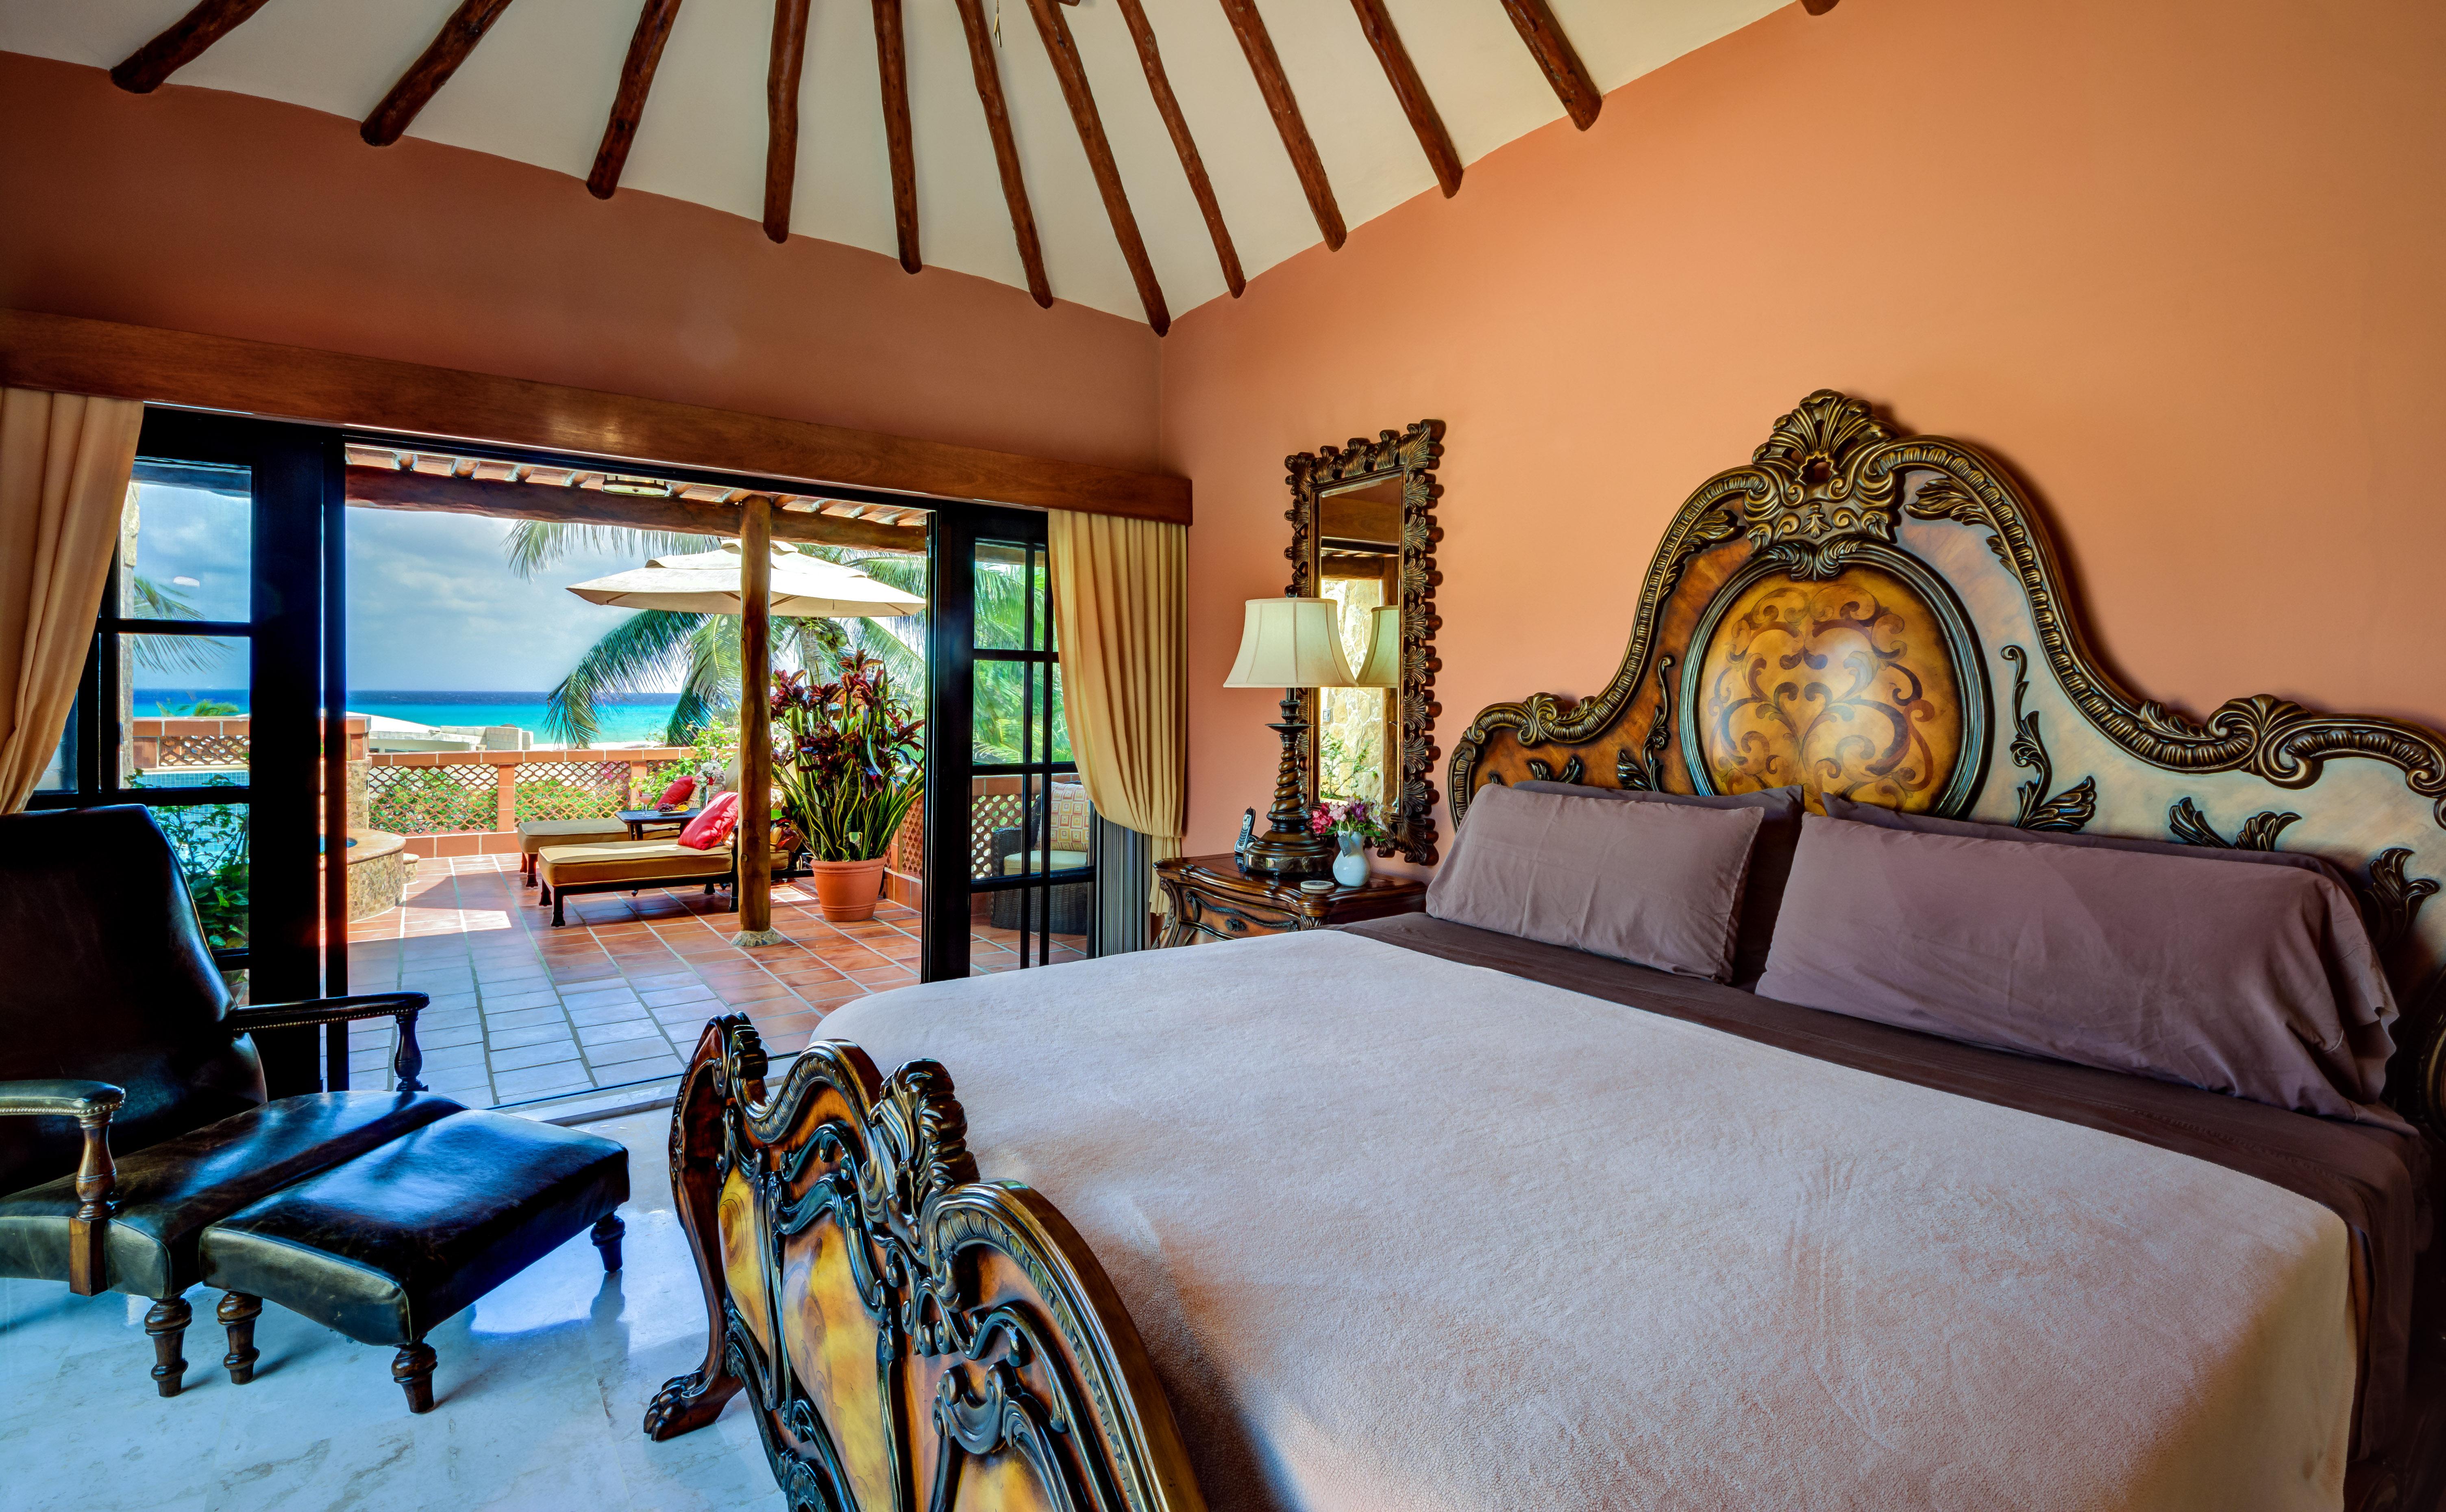 Casa_Juanita_yourescape_Playa_del_Carmen_Riviera_Maya_Mexico19